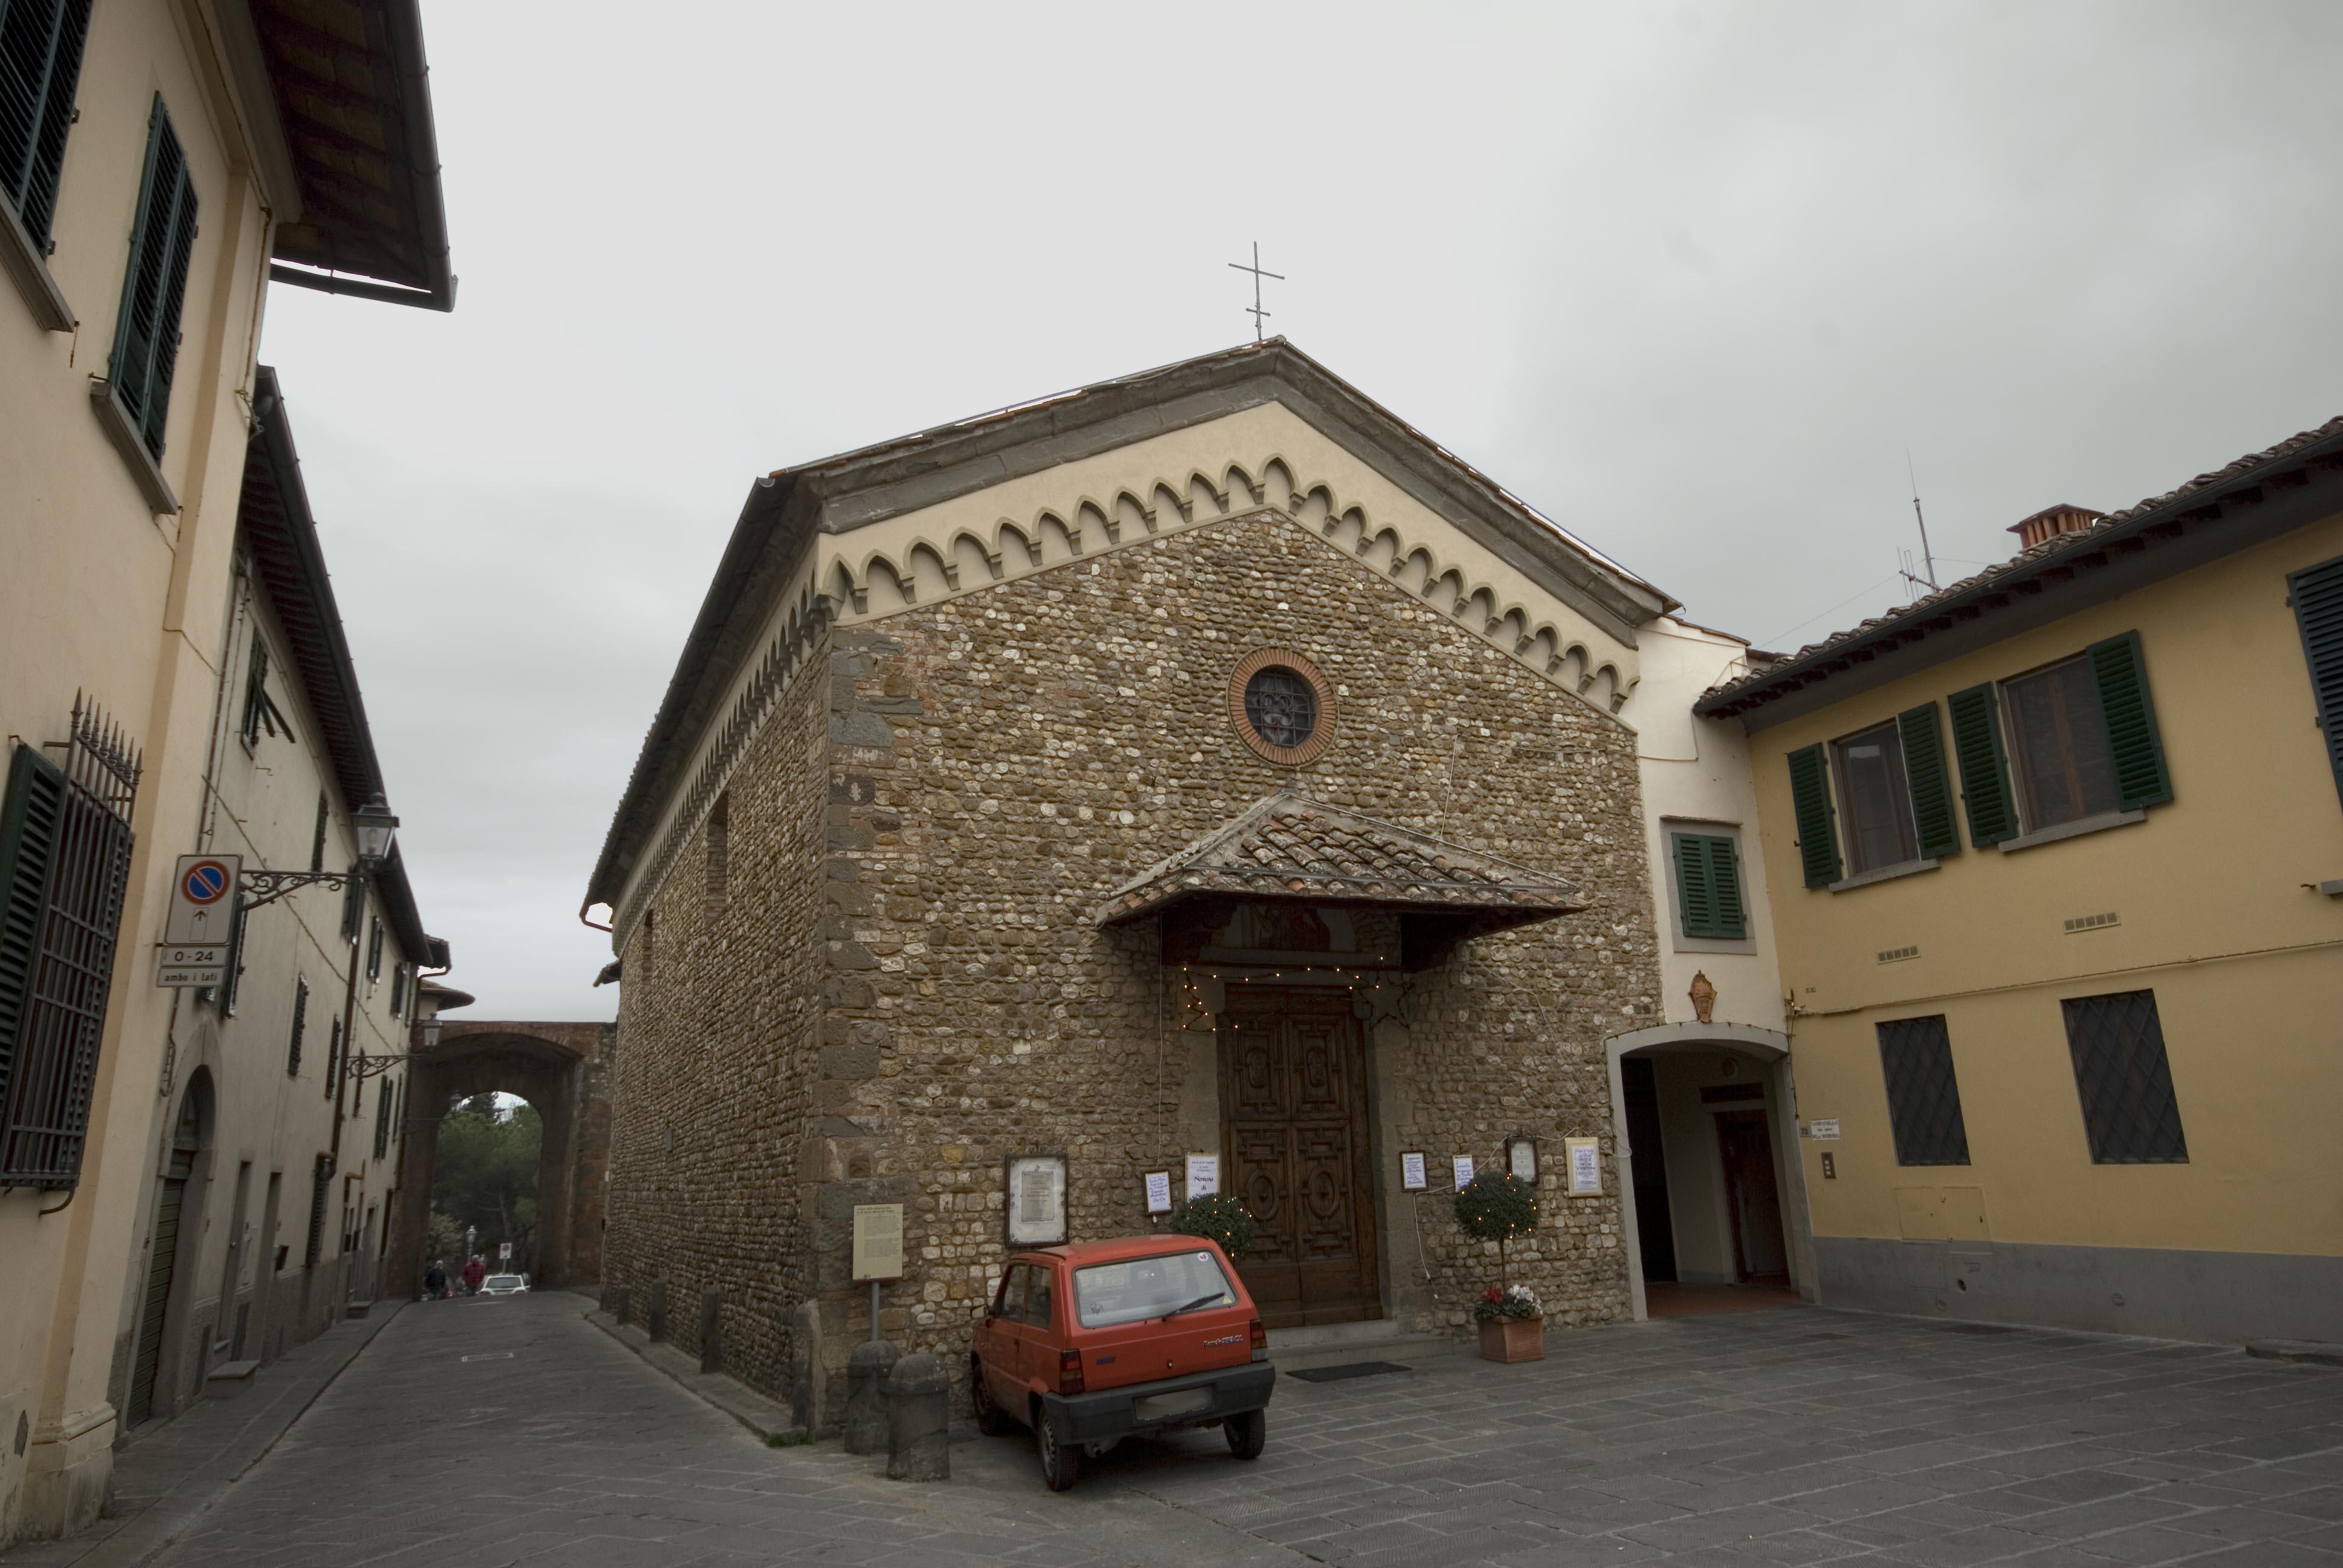 chiesa Santa Maria del Prato, San Casciano in Val di Pesa